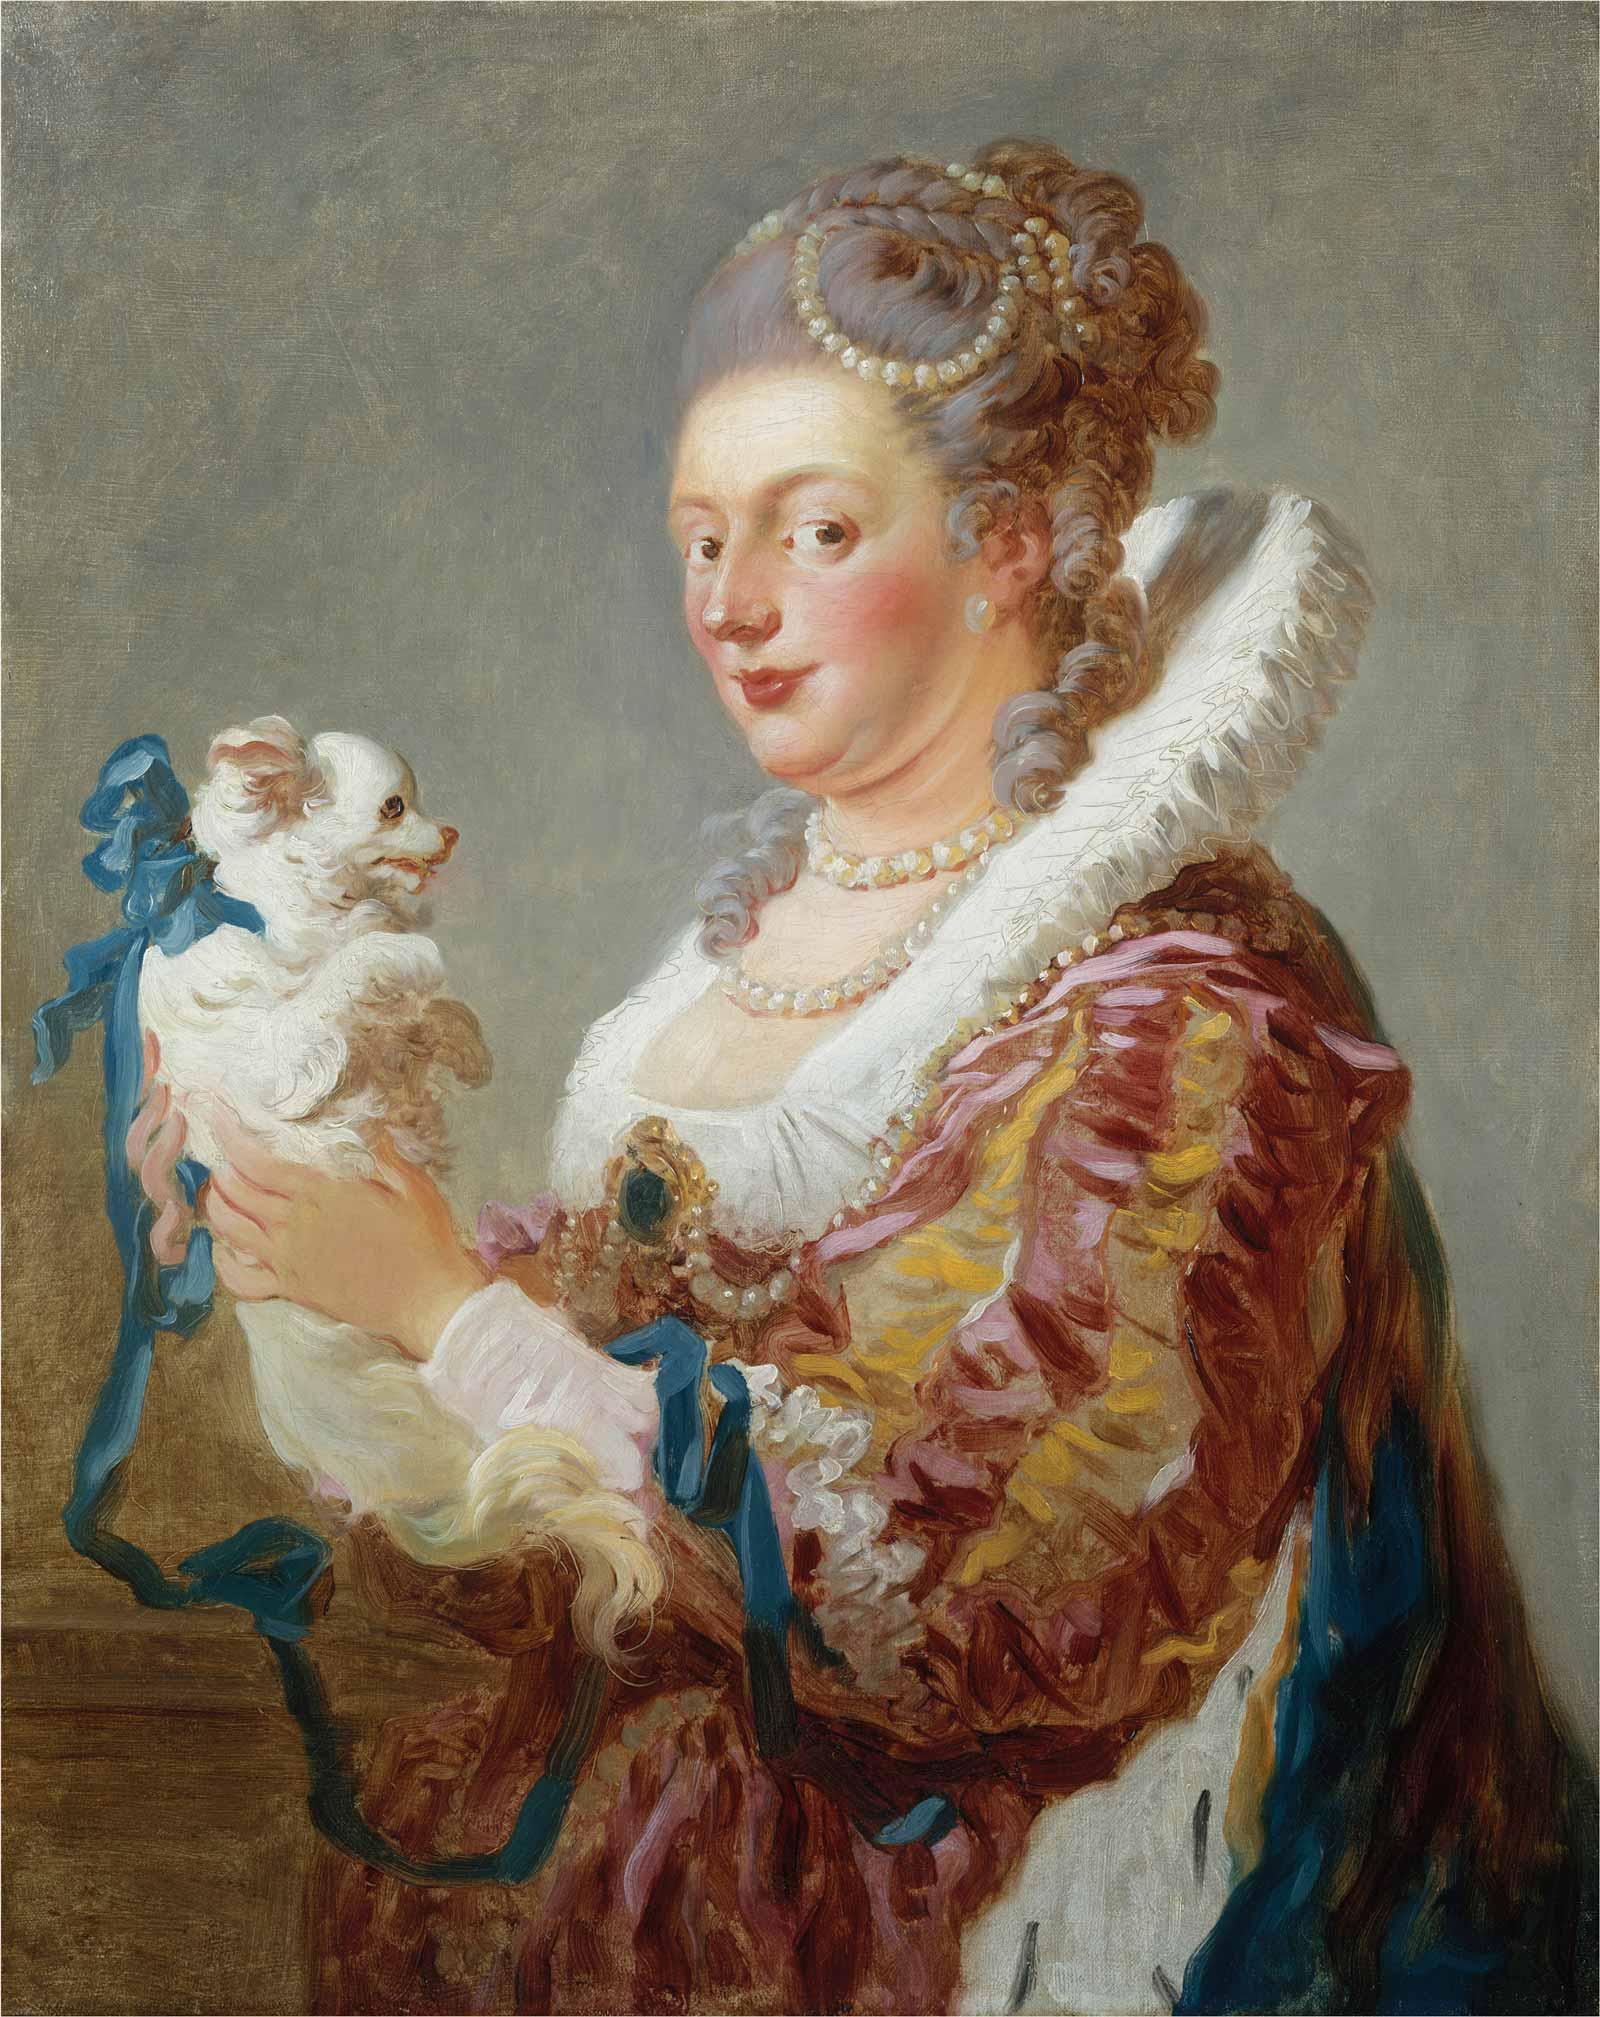 Jean Honoré Fragonard: Woman with a Dog, c. 1769